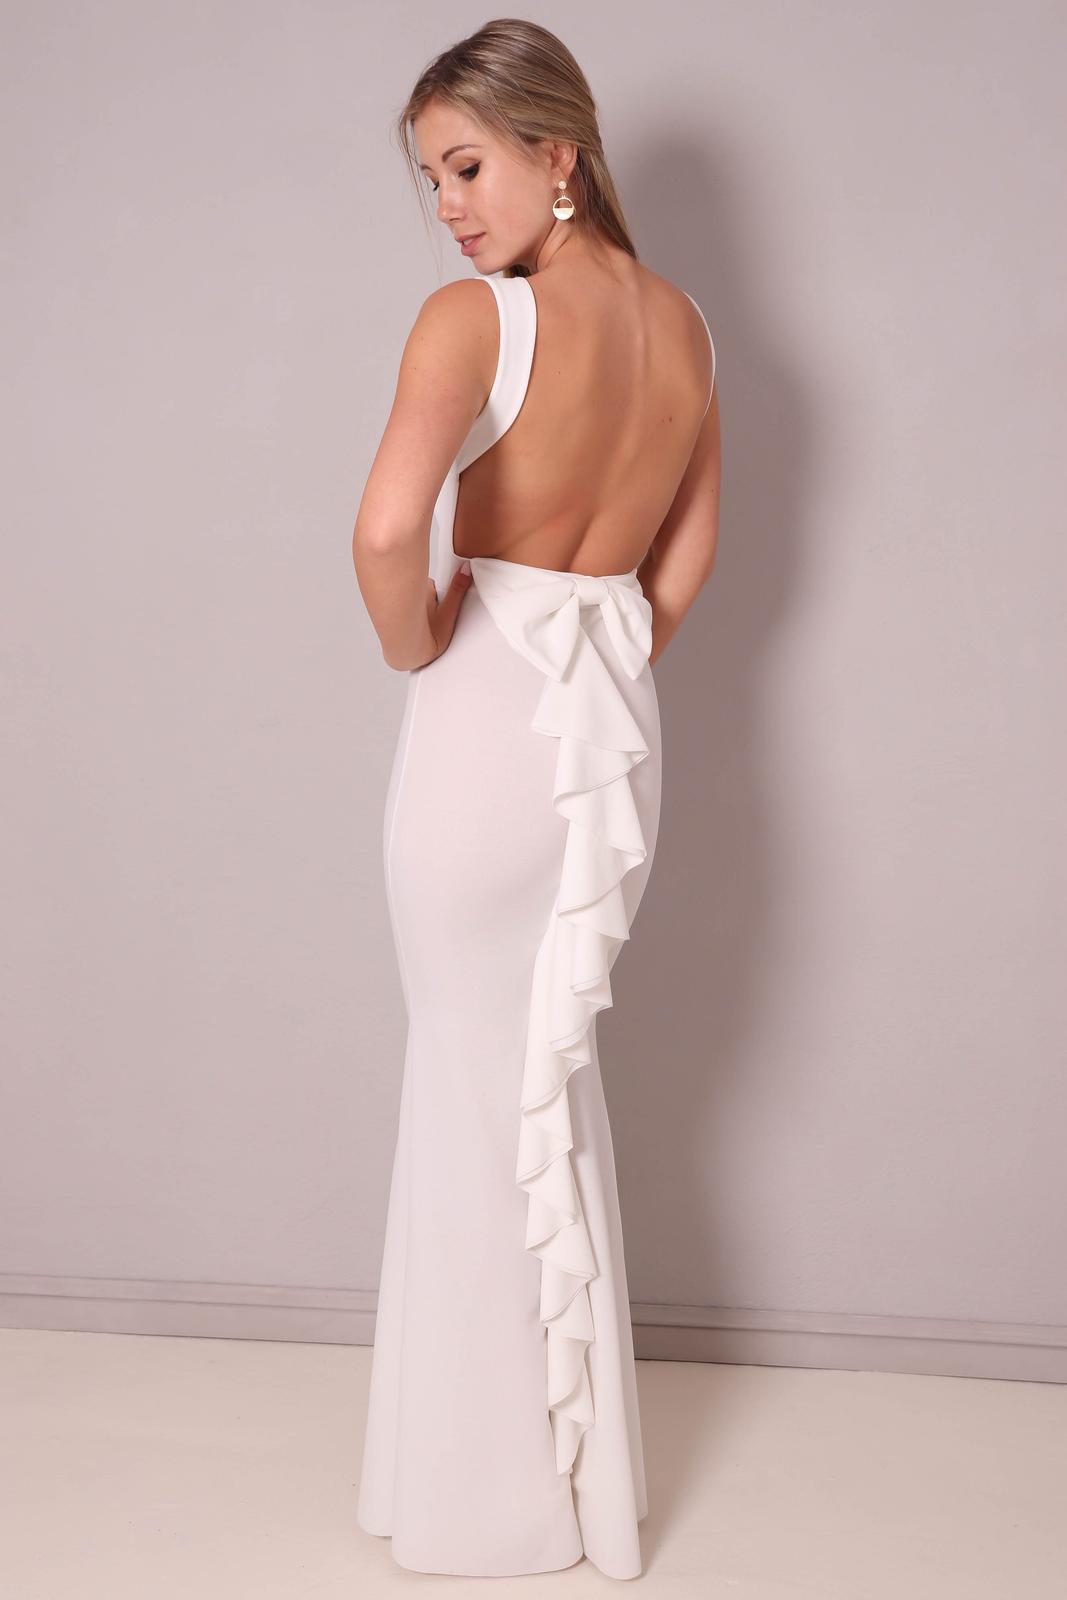 Svatební šaty s mašlí - Obrázek č. 4